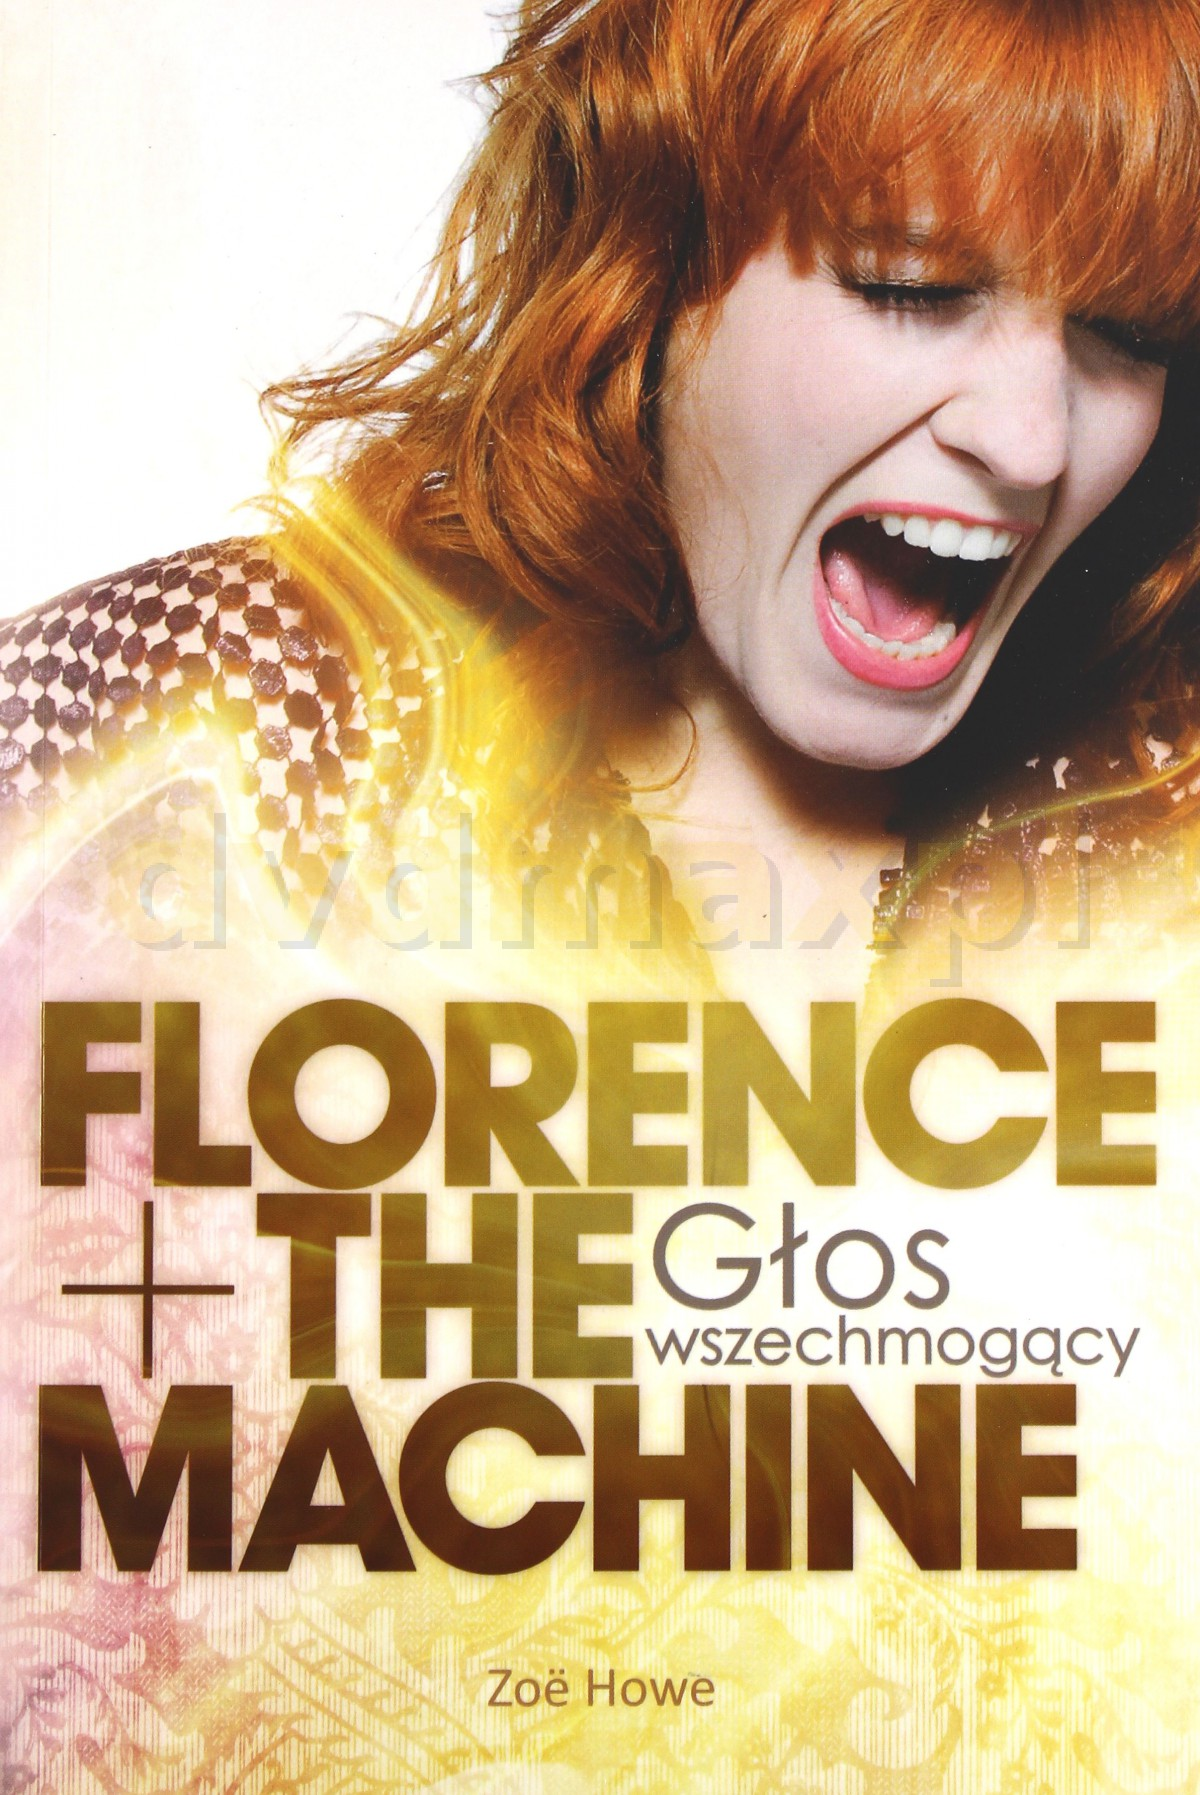 Florence The Machine Głos Wszechmogący - Zoë Howy [KSIĄŻKA] - Zoë Howy